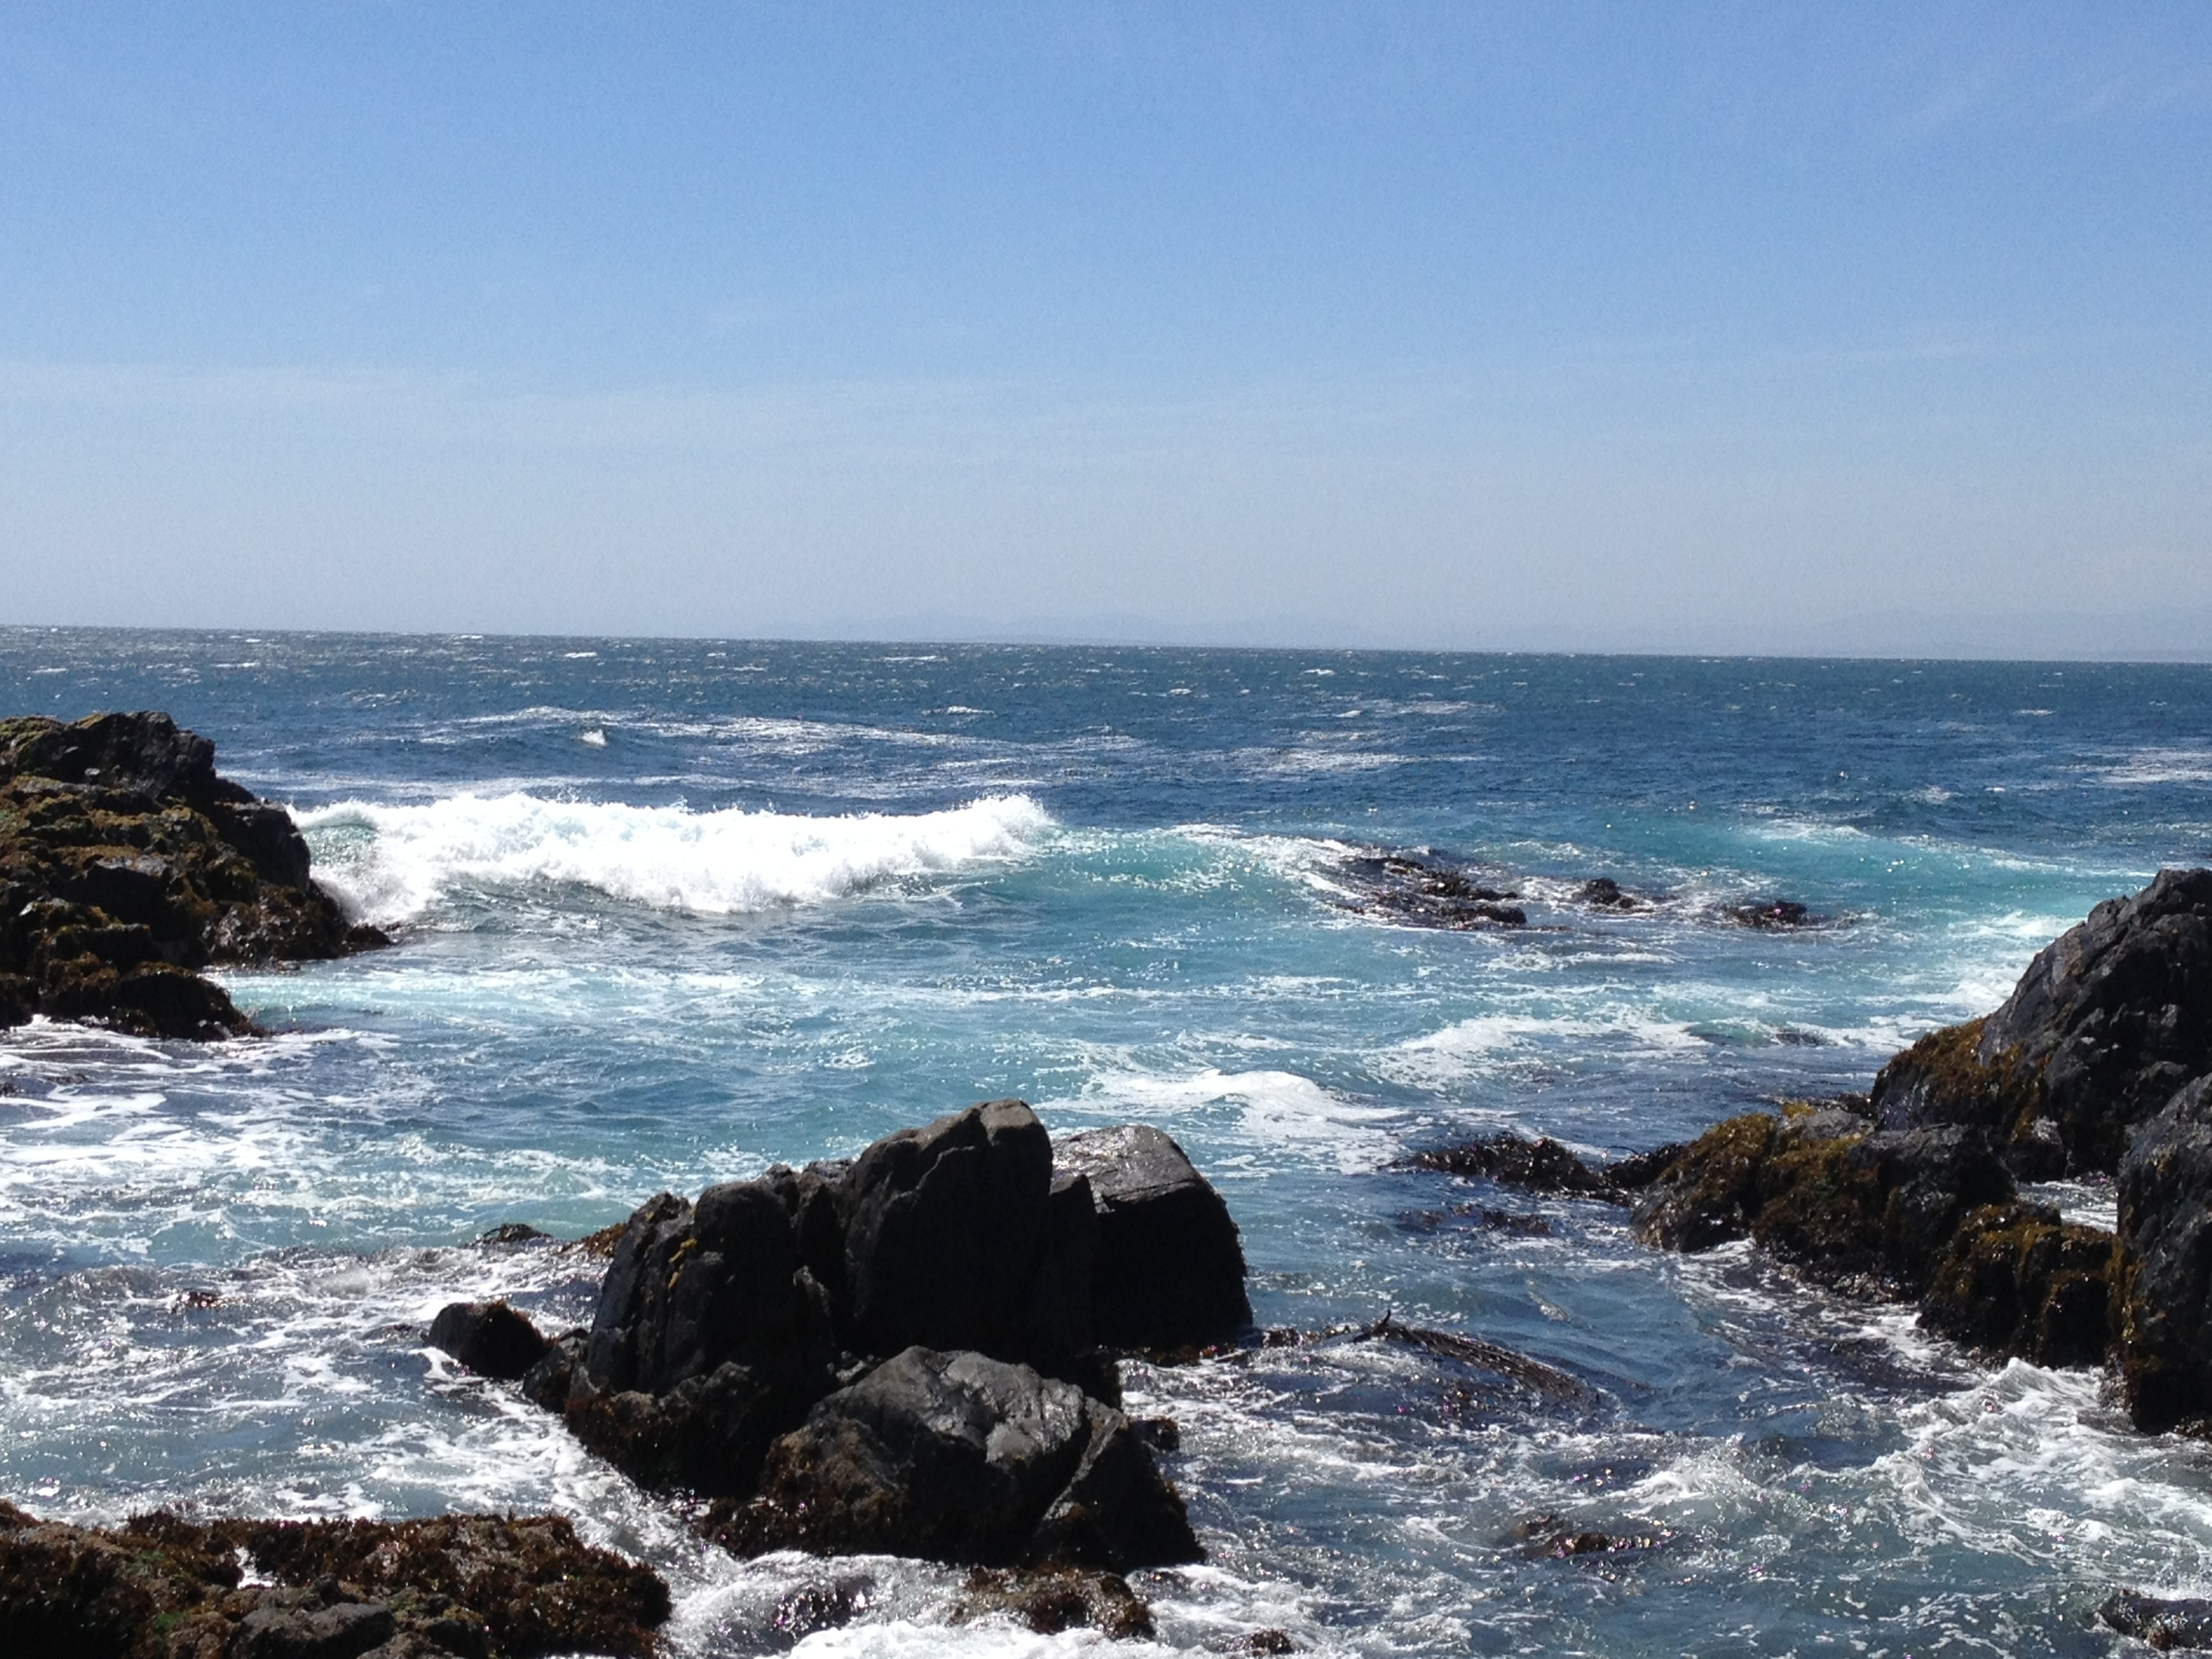 The ocean my God the ocean